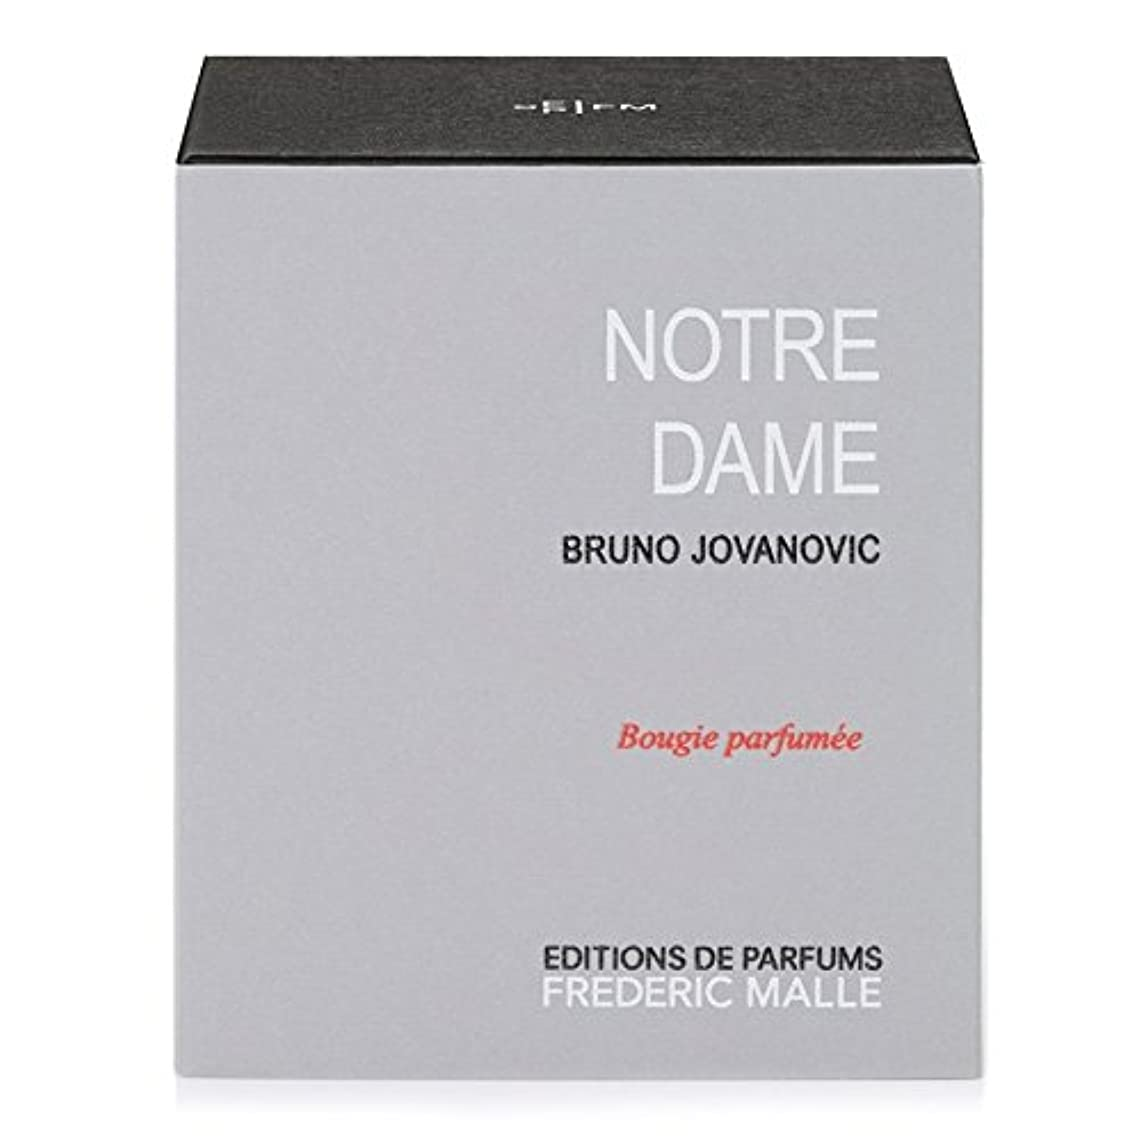 君主制繰り返す光沢のあるFrederic Malle Notre Dame Scented Candle 220g (Pack of 4) - フレデリック?マルノートルダム香りのキャンドル220グラム x4 [並行輸入品]